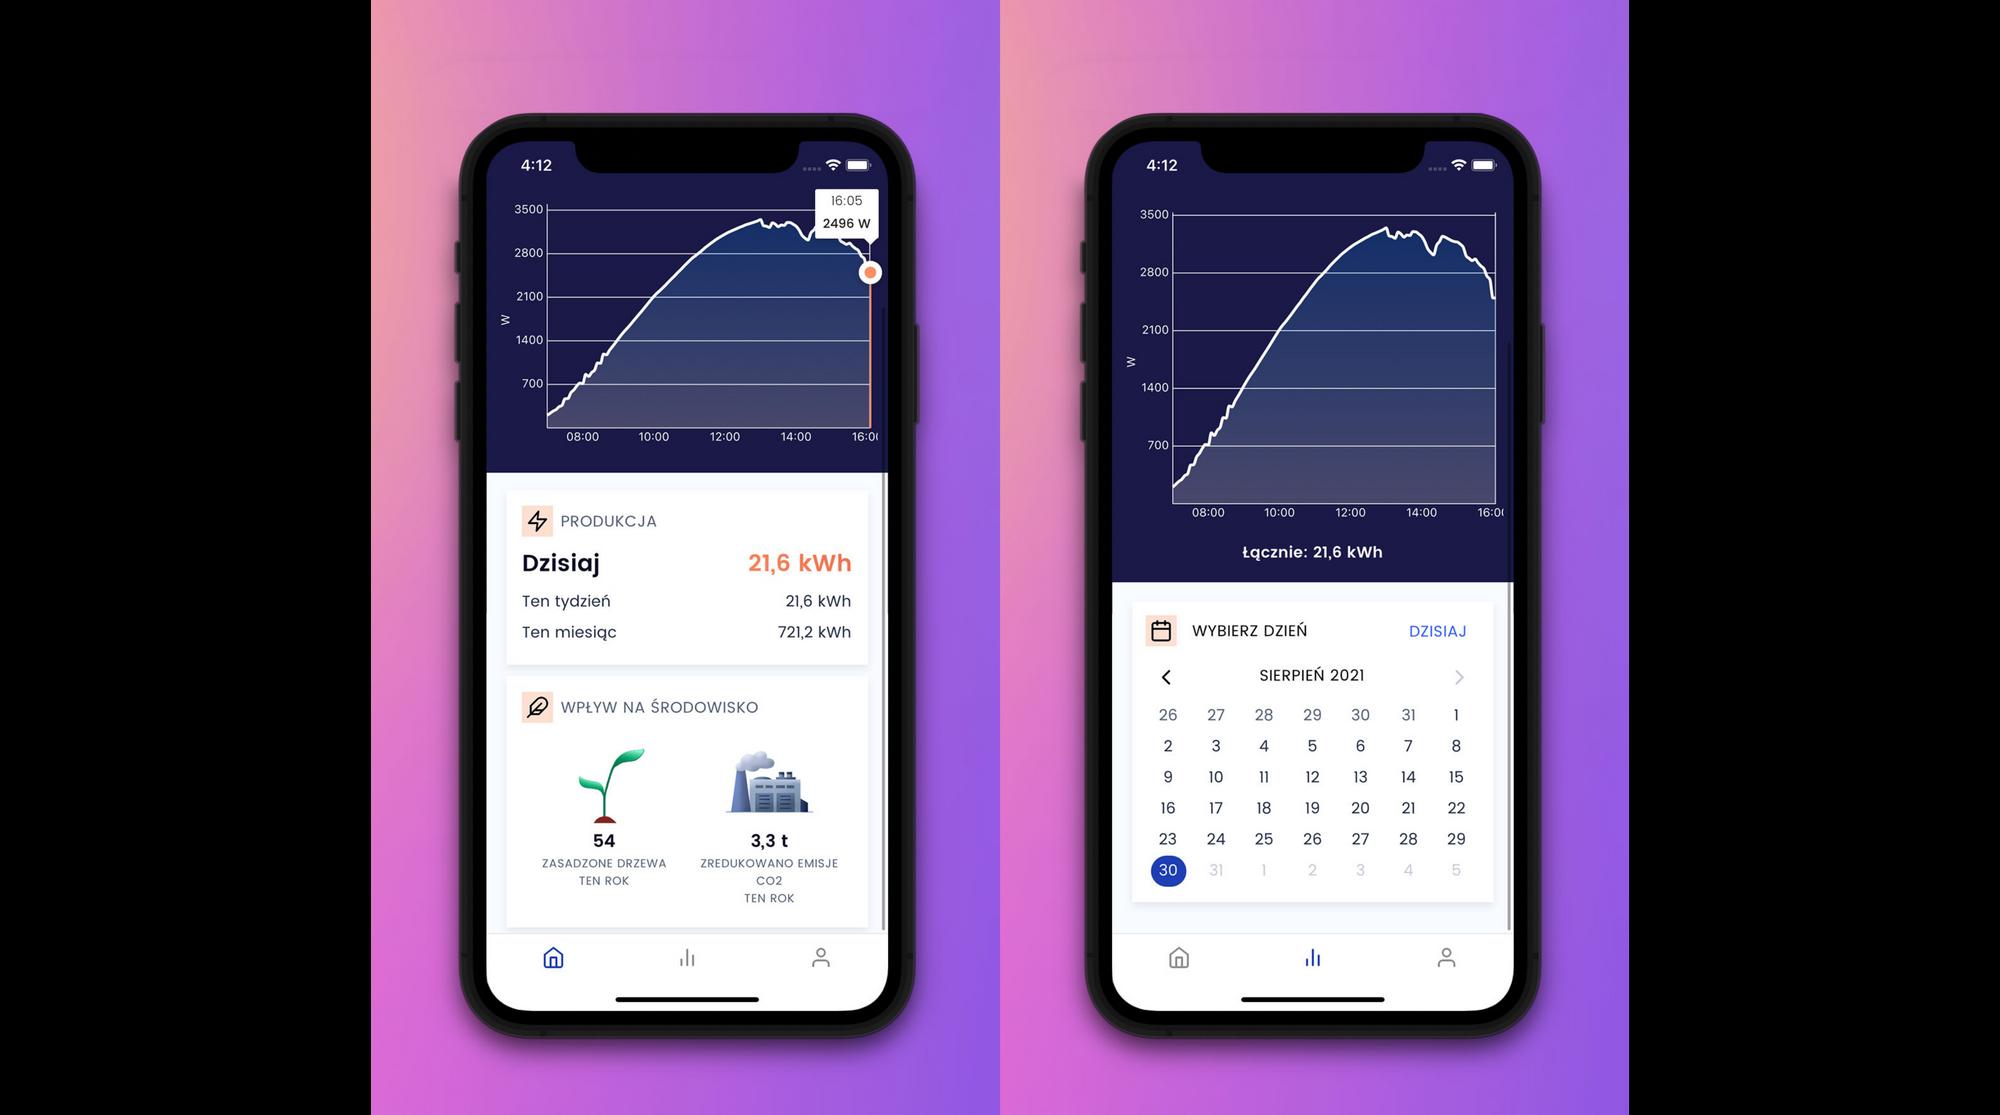 Wygląd ekranu wpływu na środowisko oraz kalendarz w aplikacji Otovo Solar